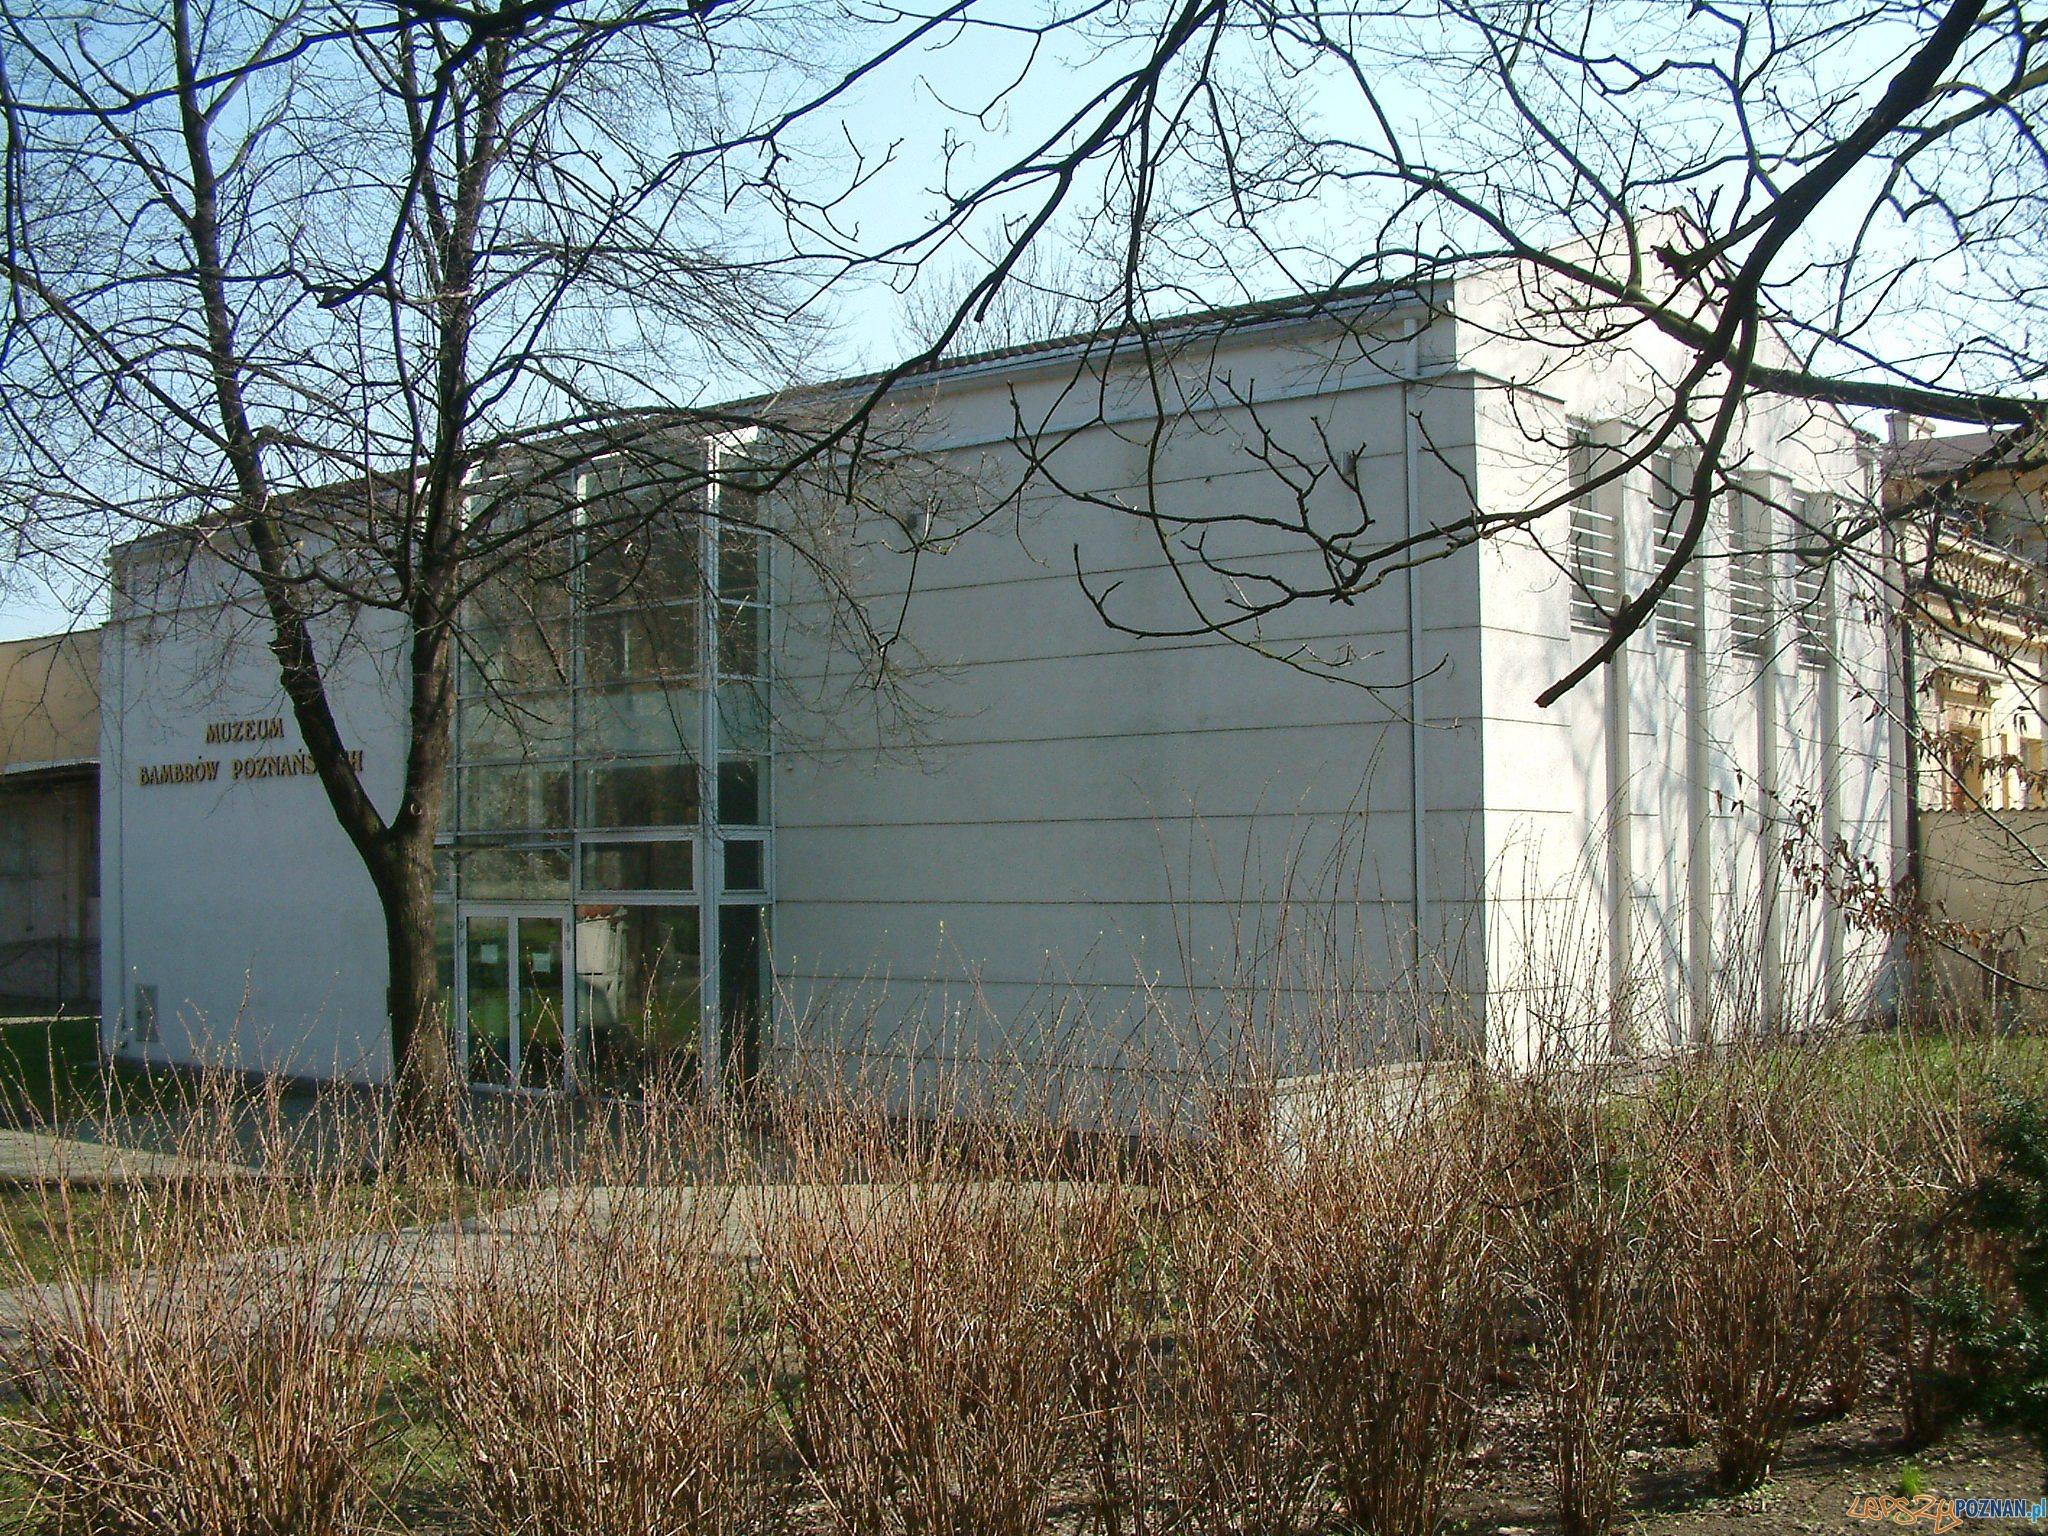 Muzeum_Bambrów_Poznańskich